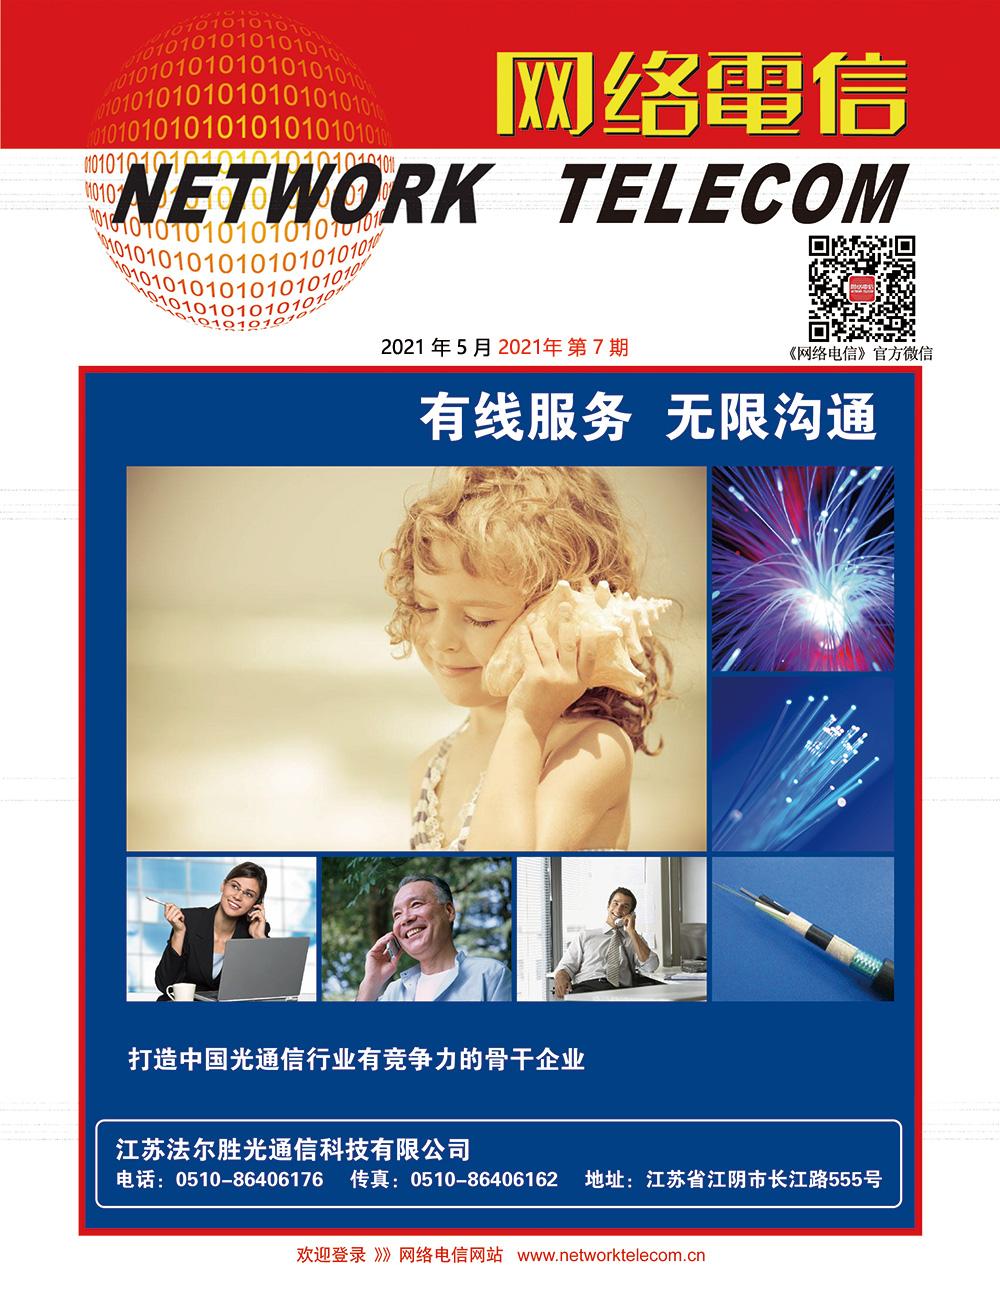 《网络电信》微杂志——2021年5月刊上